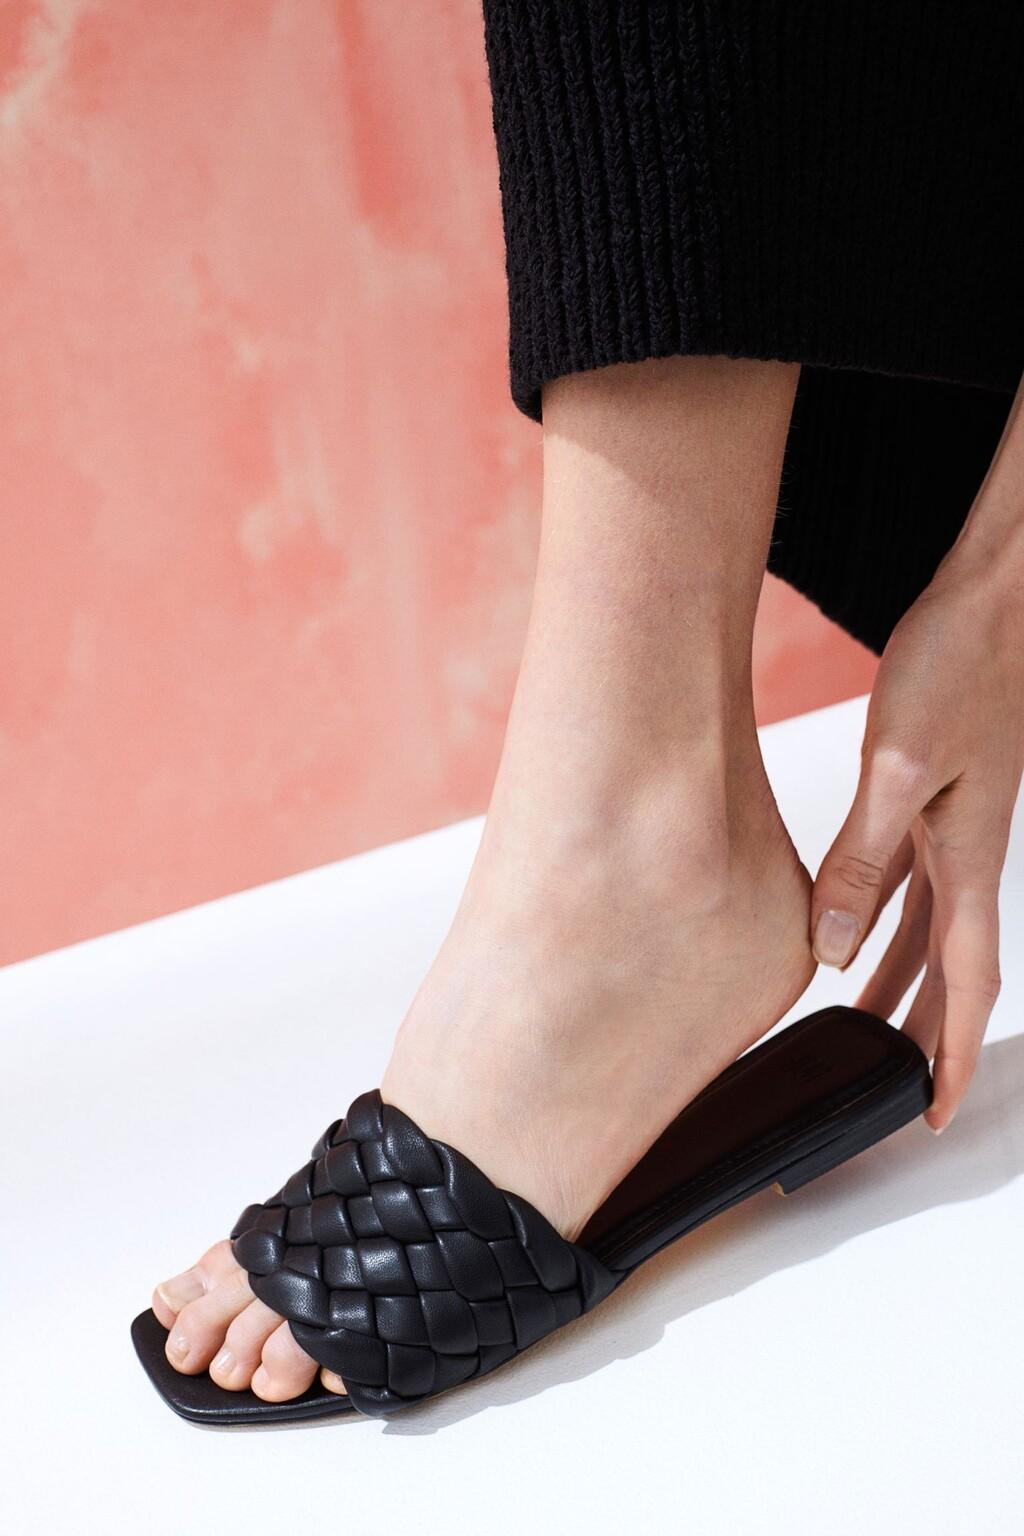 H&M tiene las sandalias de tendencia más ideales para lucir este verano: trenzadas, acolchadas y de colores de moda